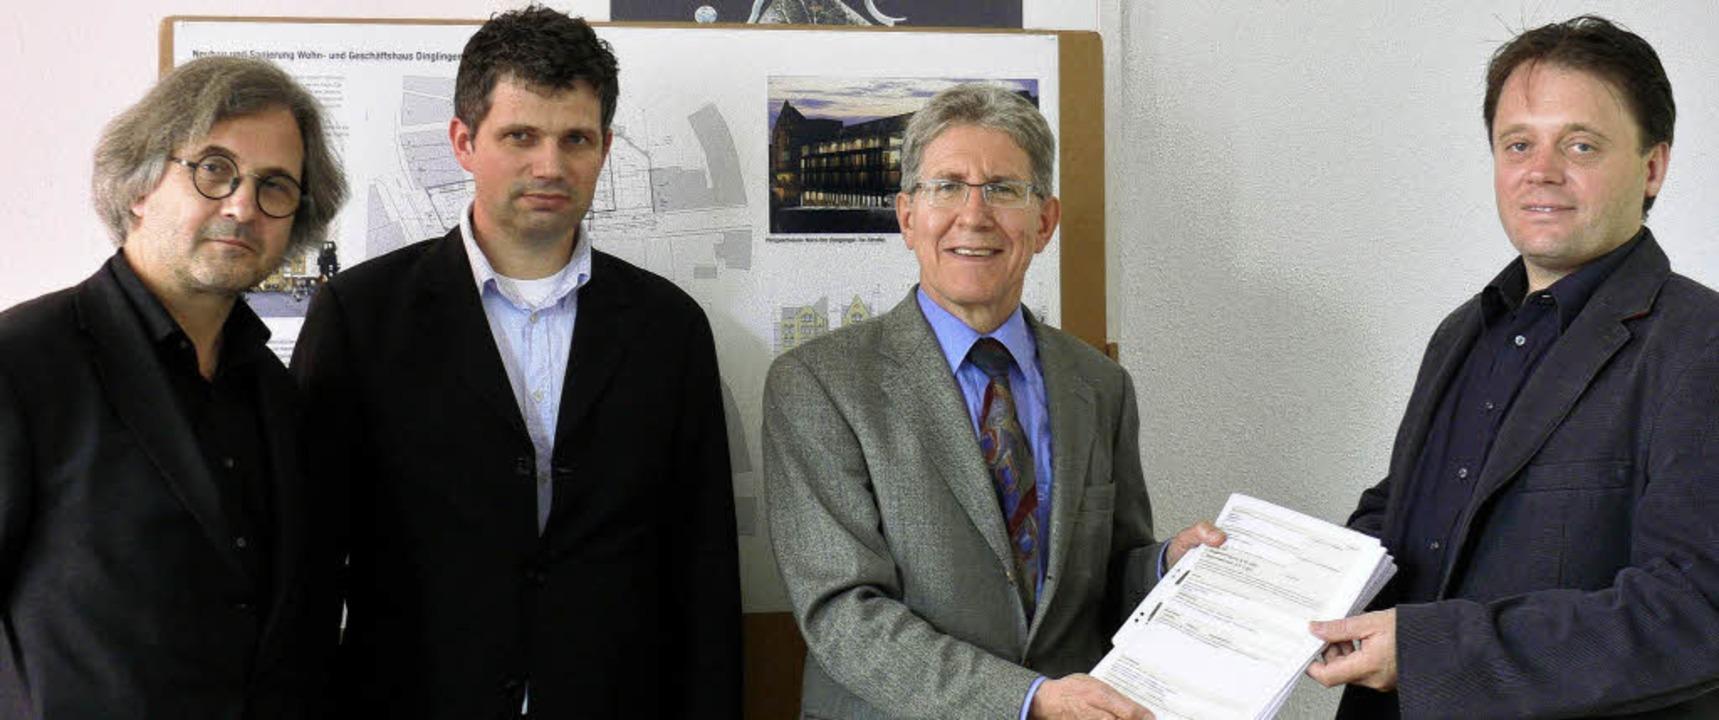 Bauantrag Brünnele-Areal: von links: J... Pontius, OB Dr. Müller, Harry Zürcher